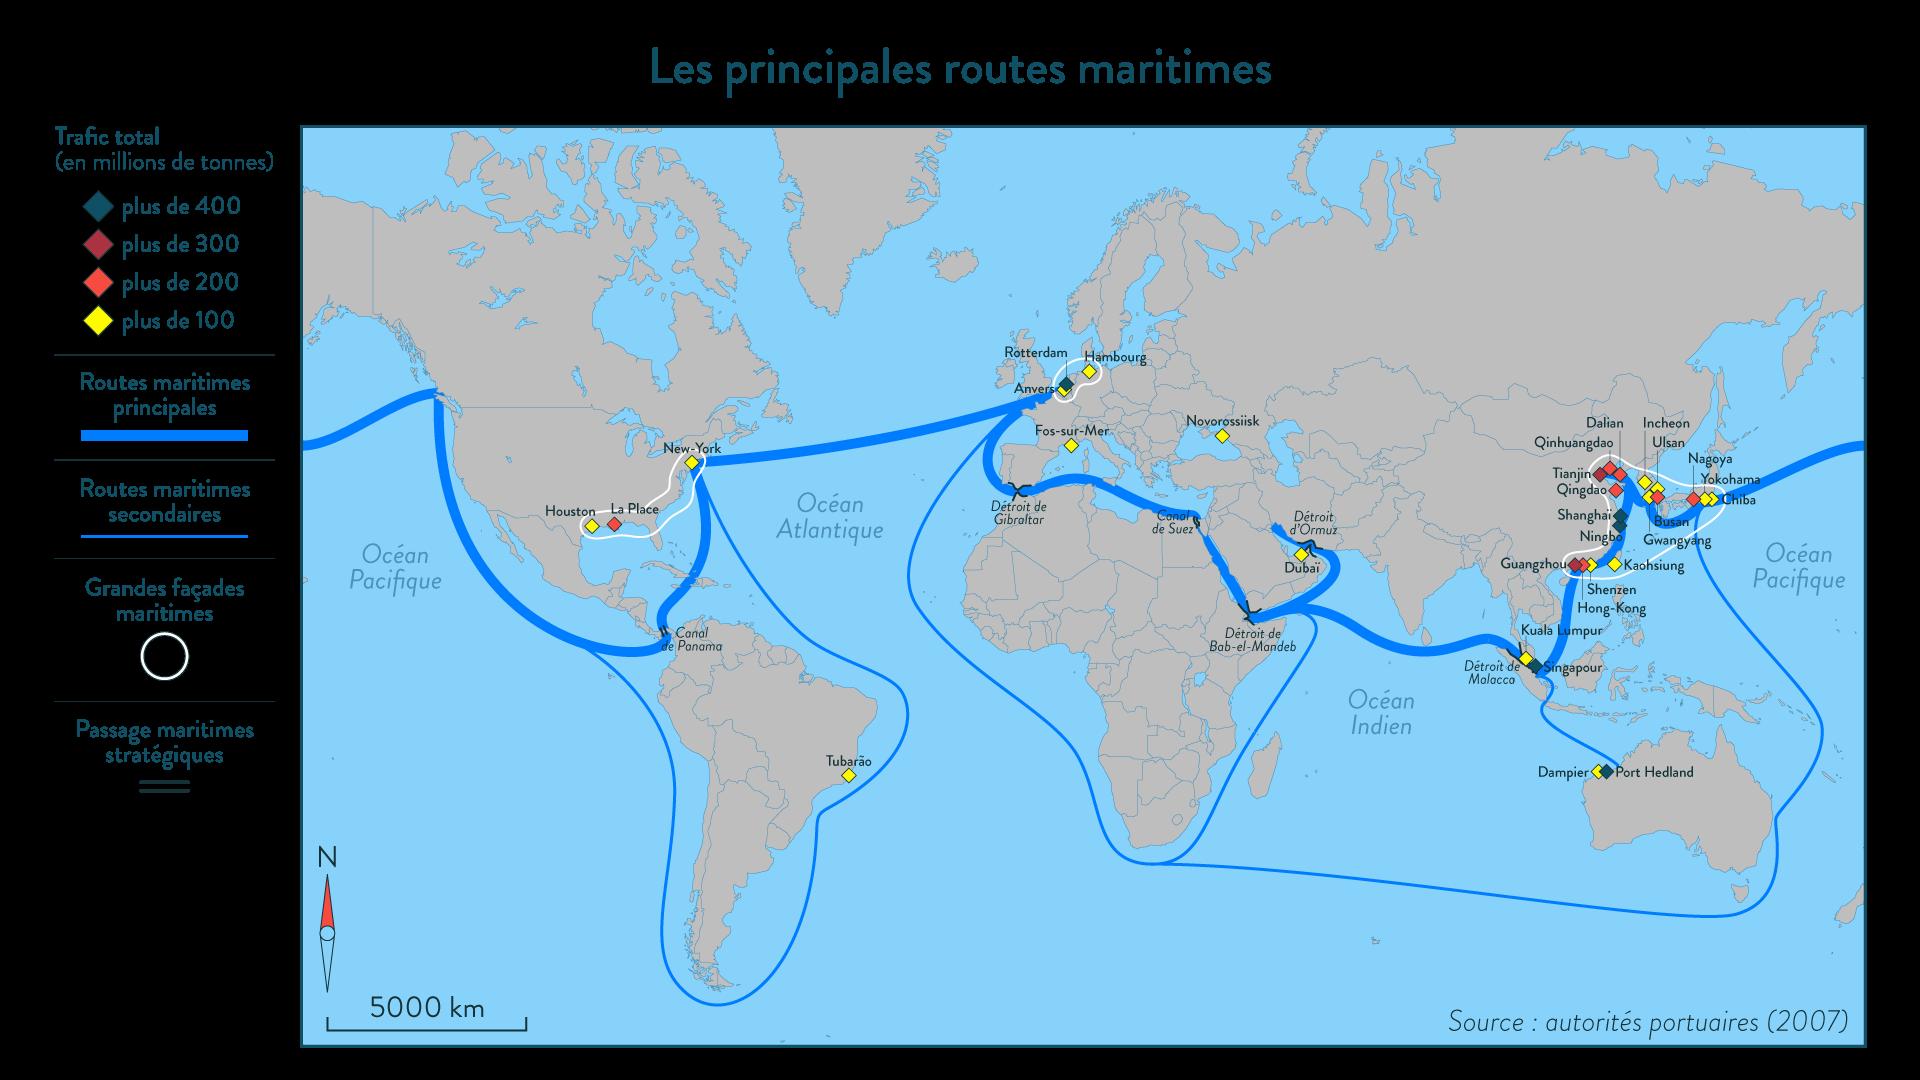 Les principales routes maritimes - SchoolMouv - géographie - 4e